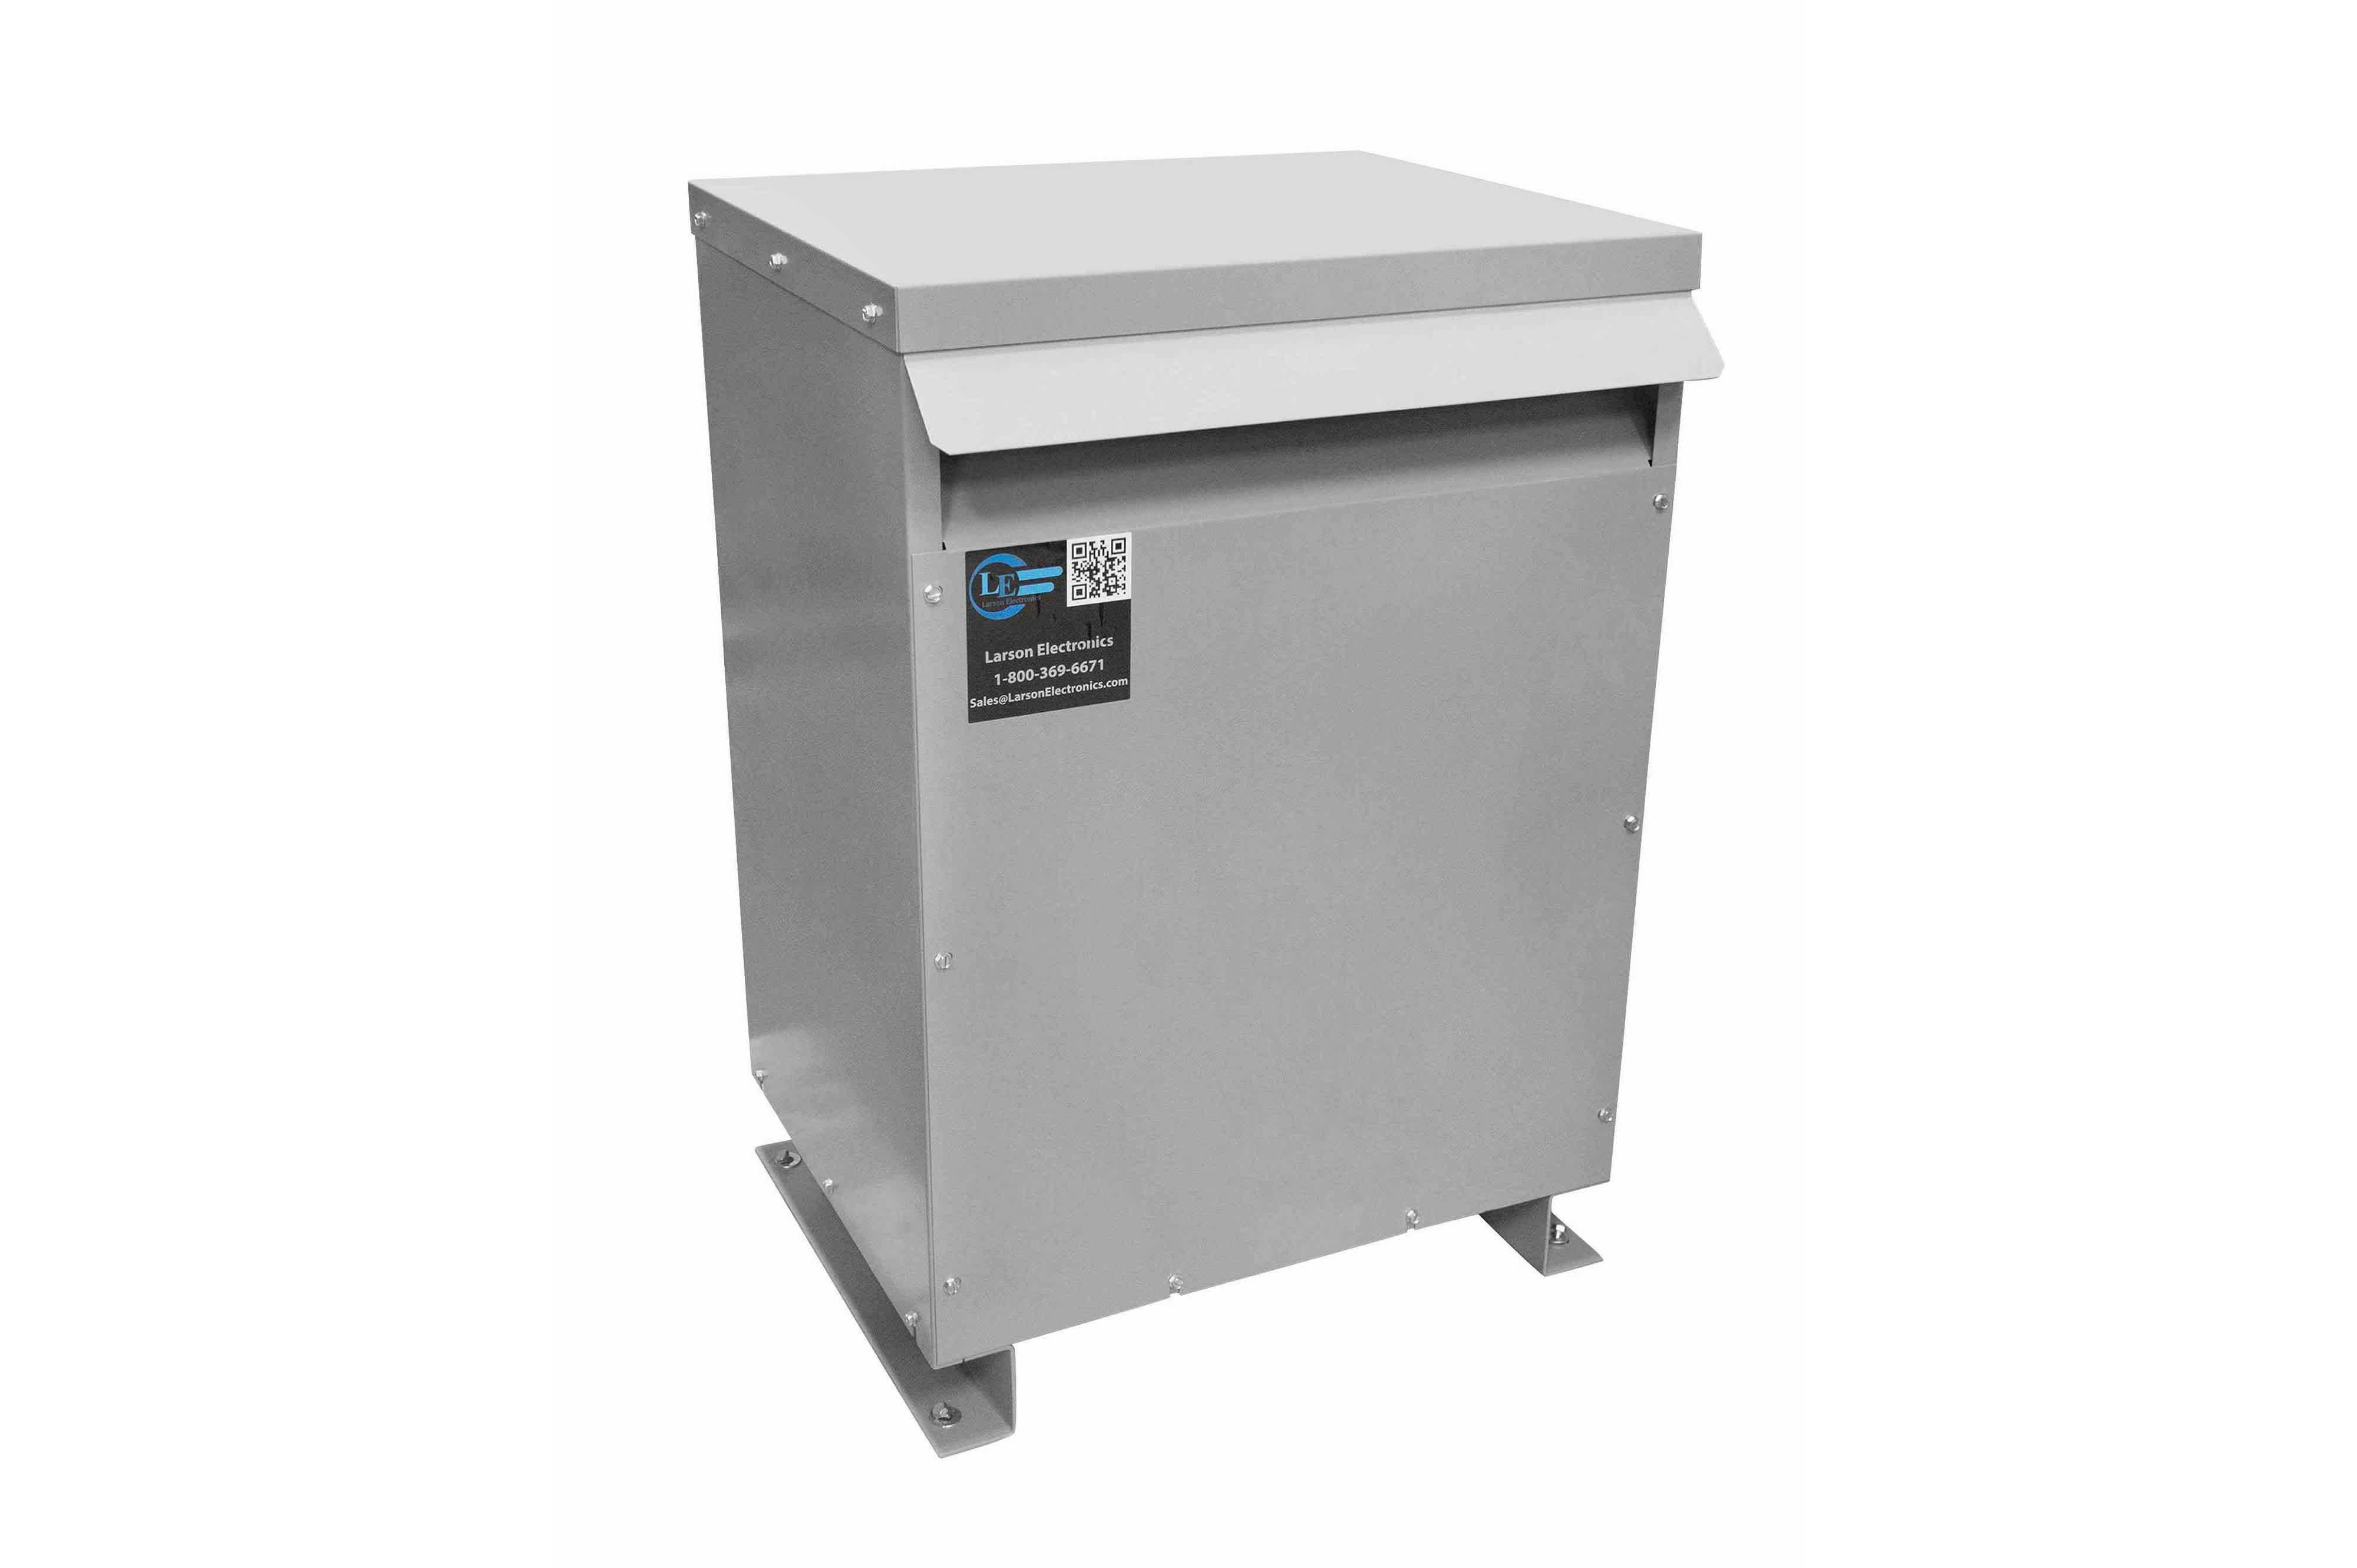 200 kVA 3PH Isolation Transformer, 400V Delta Primary, 240 Delta Secondary, N3R, Ventilated, 60 Hz